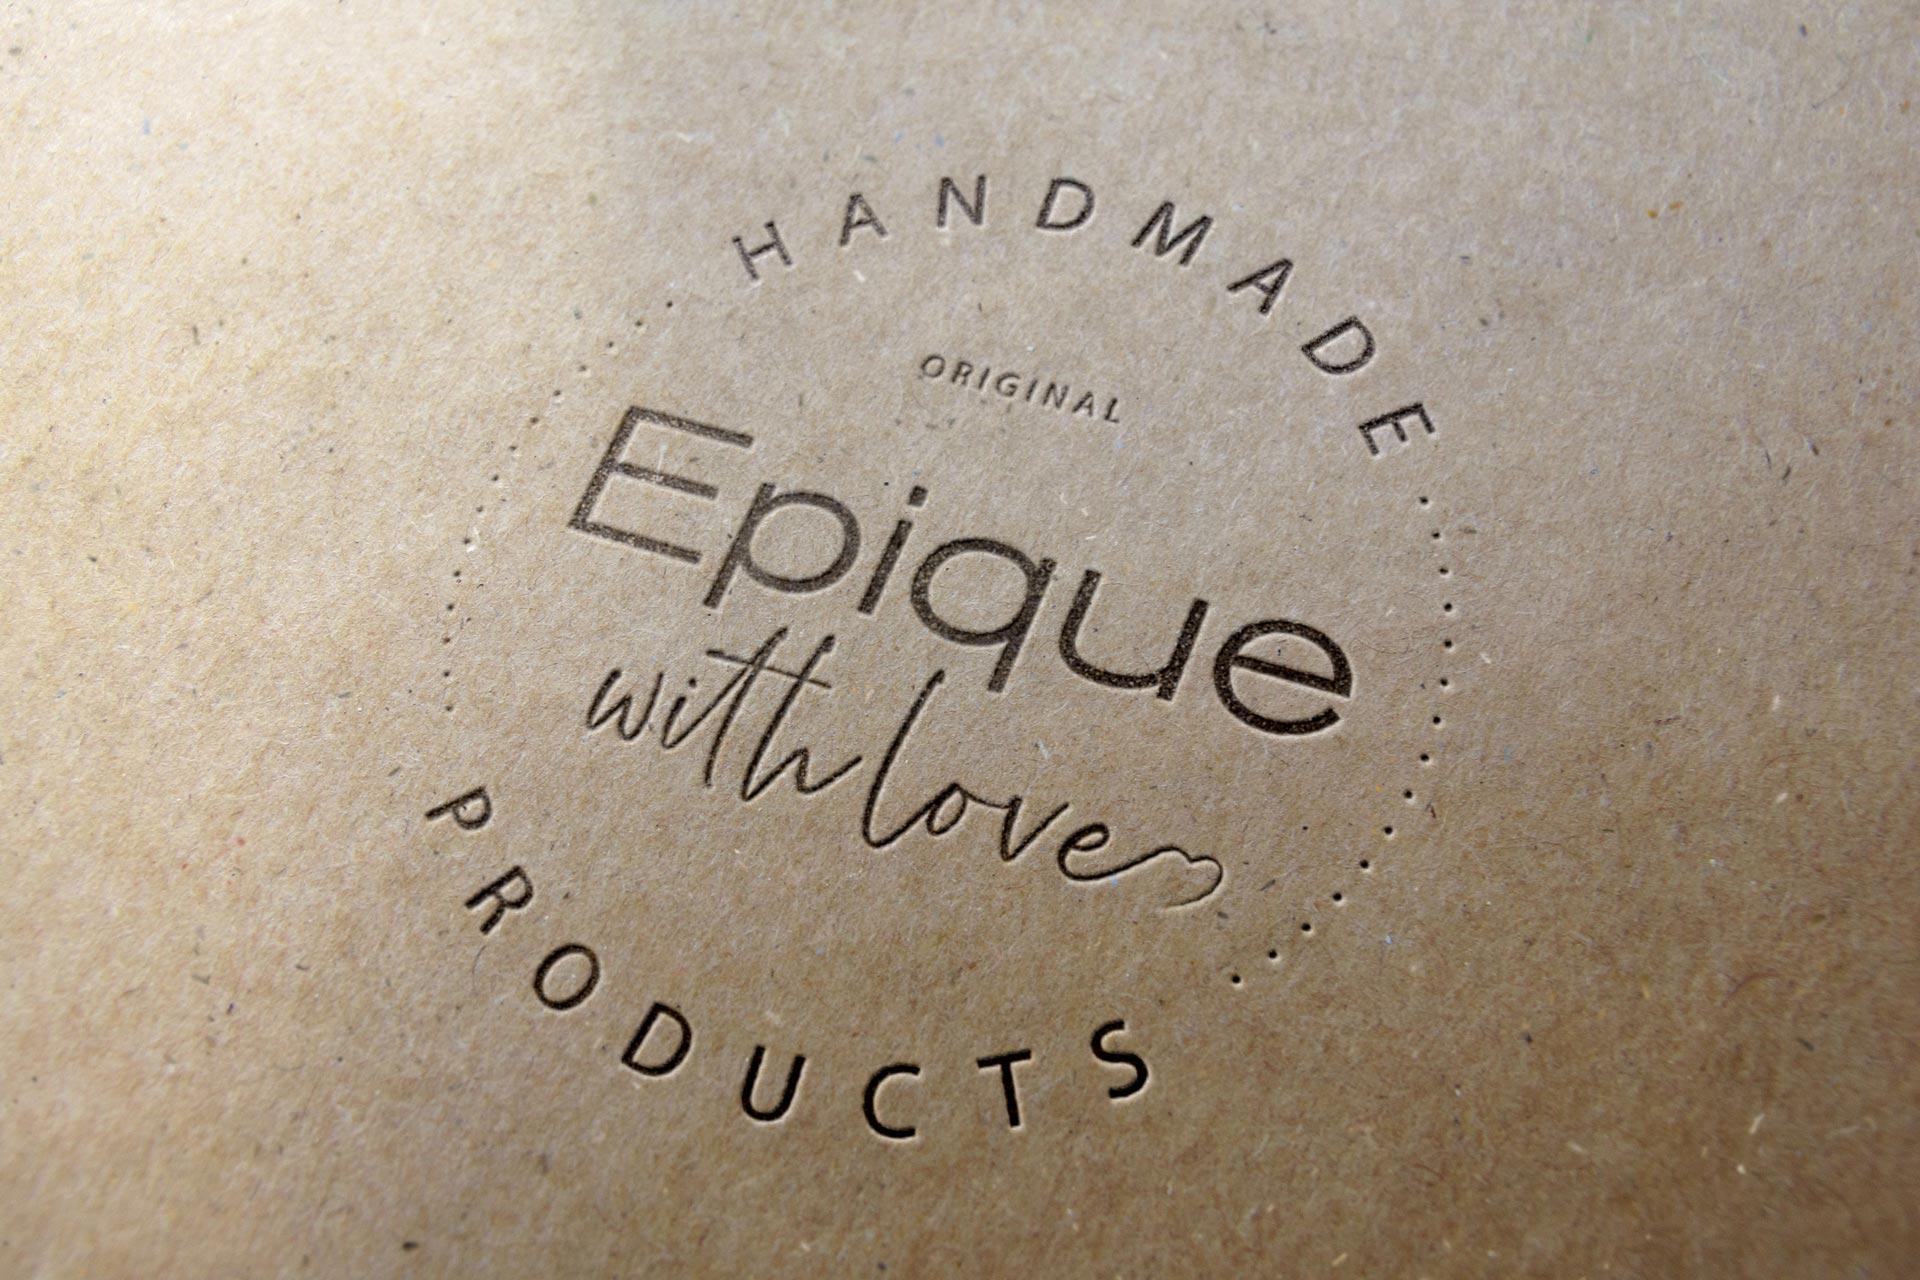 epique-logo-design-by-aydin-ozon